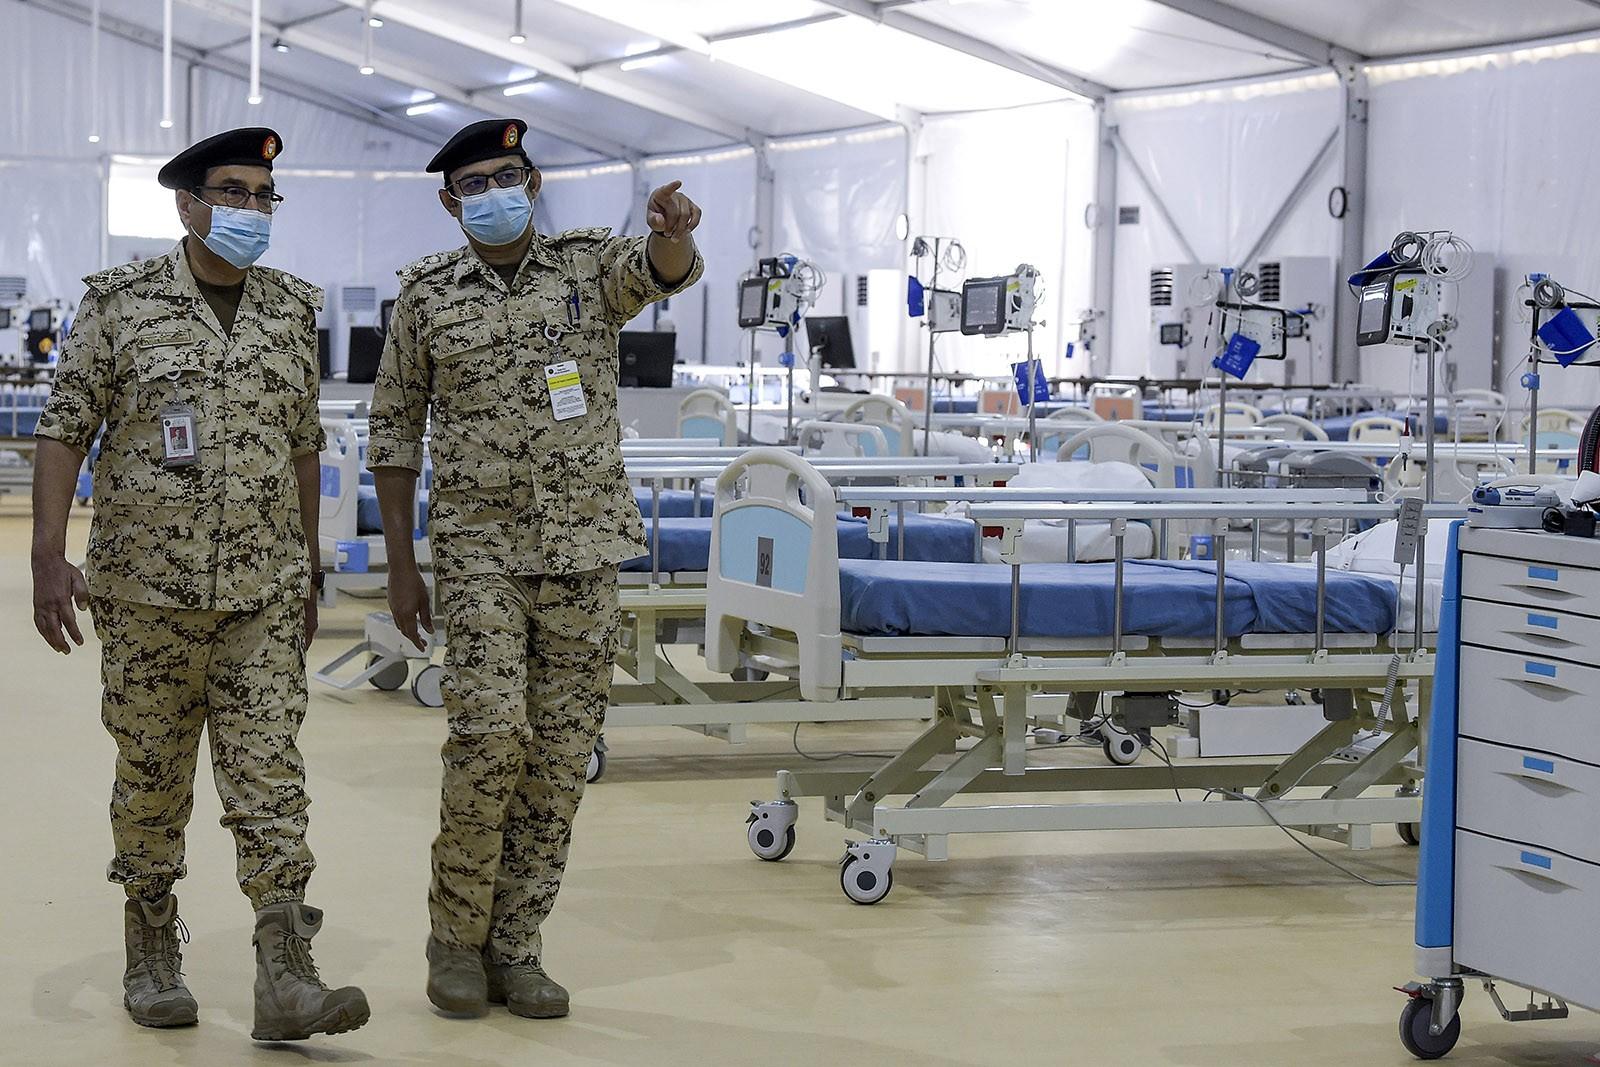 الصحة: إجراء 9394 فحص يوم الجمعة.. ورصد 326 إصابة جديدة بكورونا وتعافي 289 حالة